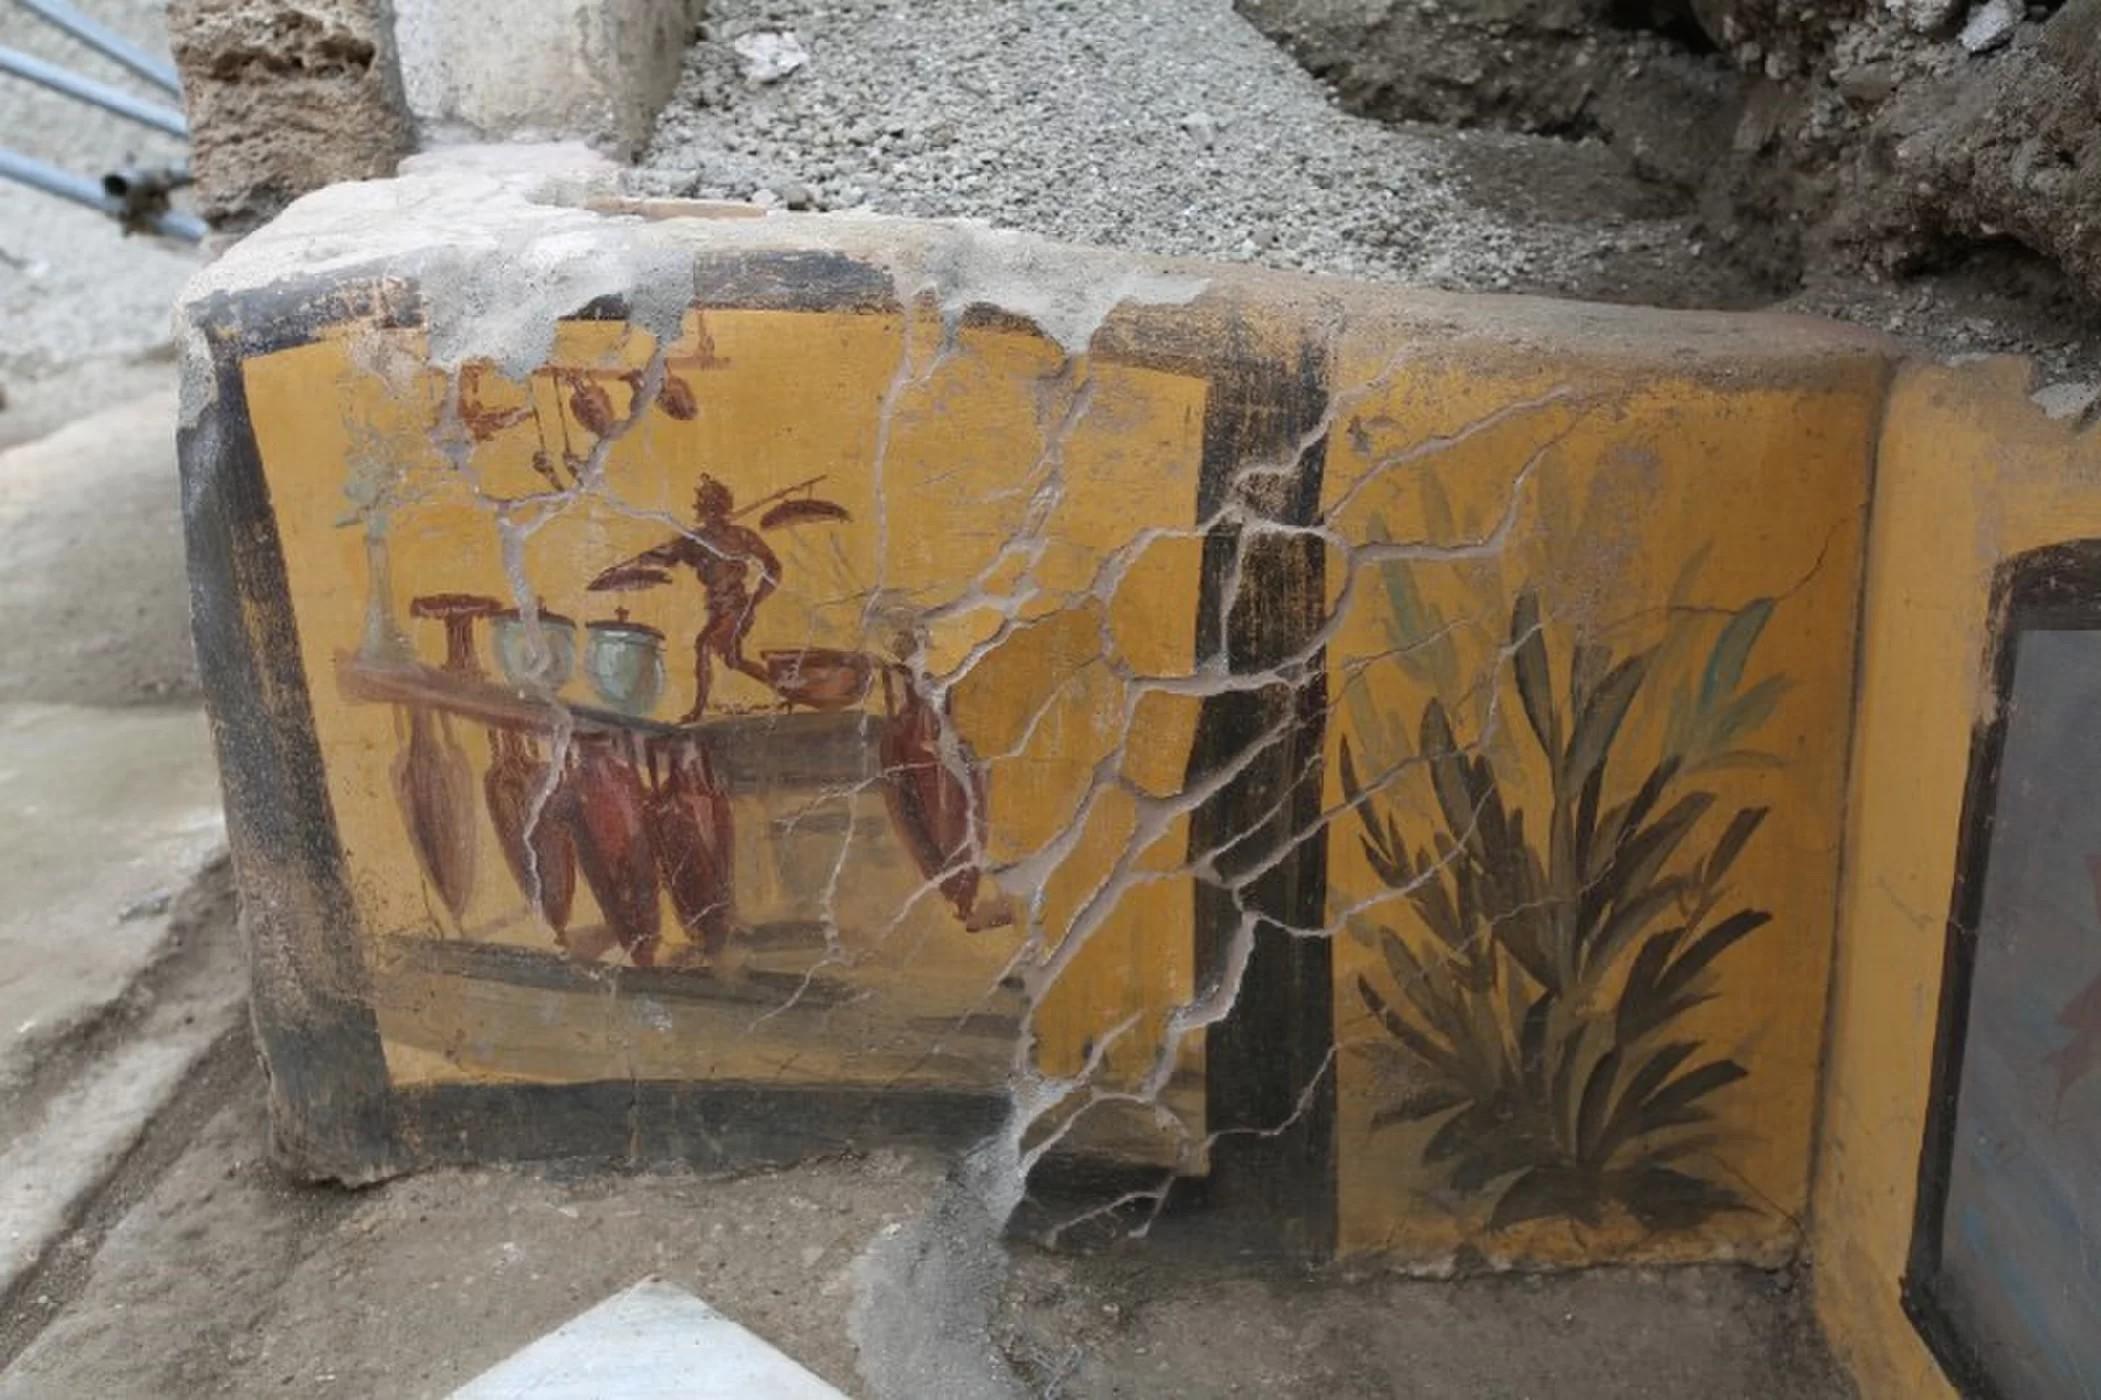 Ilustrações encontradas nas ruínas do antigo restaurante (Foto: Archaeological Park of Pompeii)